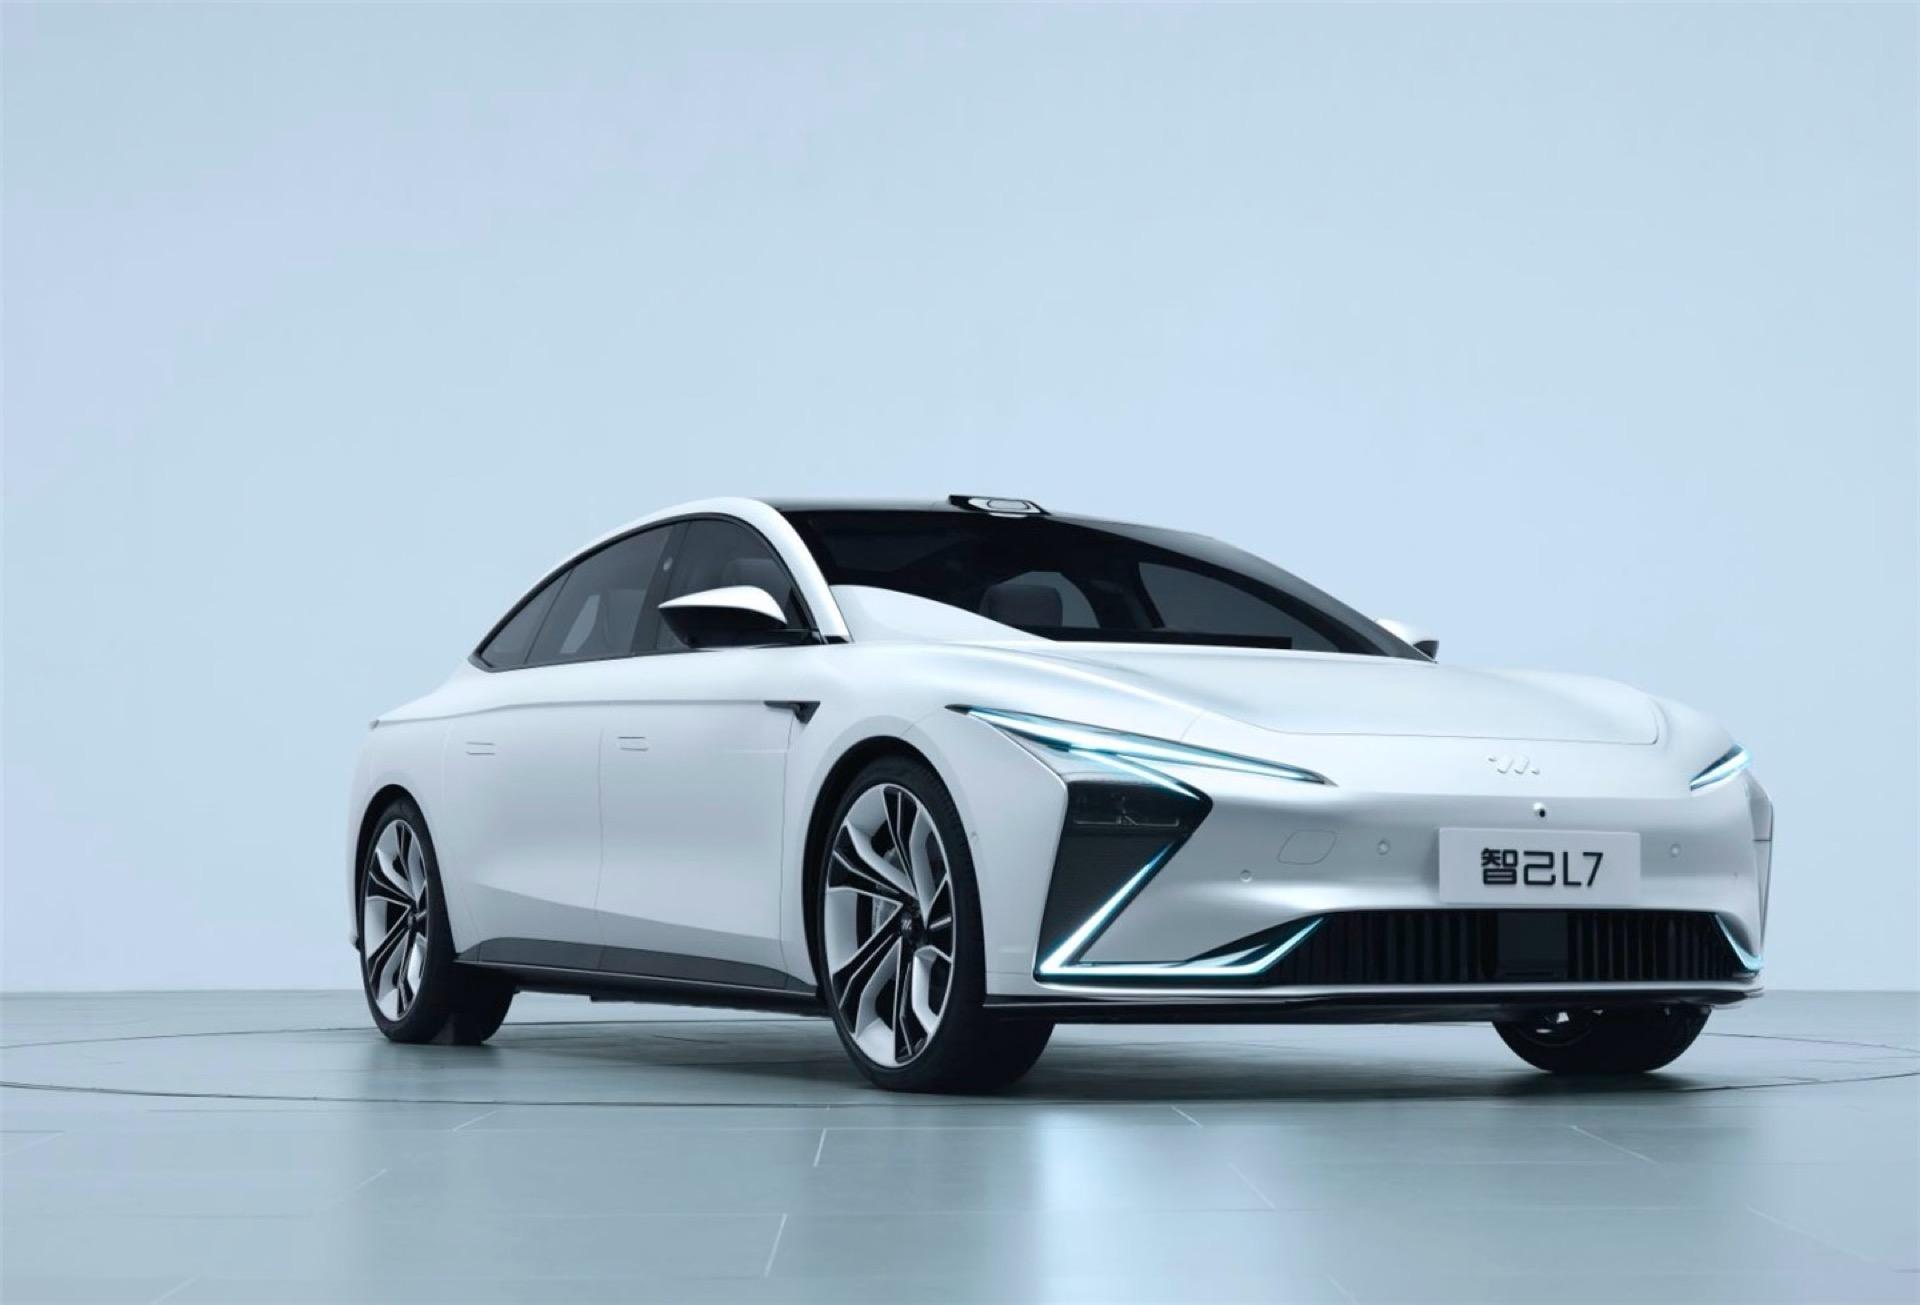 خودروی برقی ژیجی L7 با برد ۱۰۰۰ کیلومتر و شتاب زیر ۴ ثانیه وارد بازار میشود